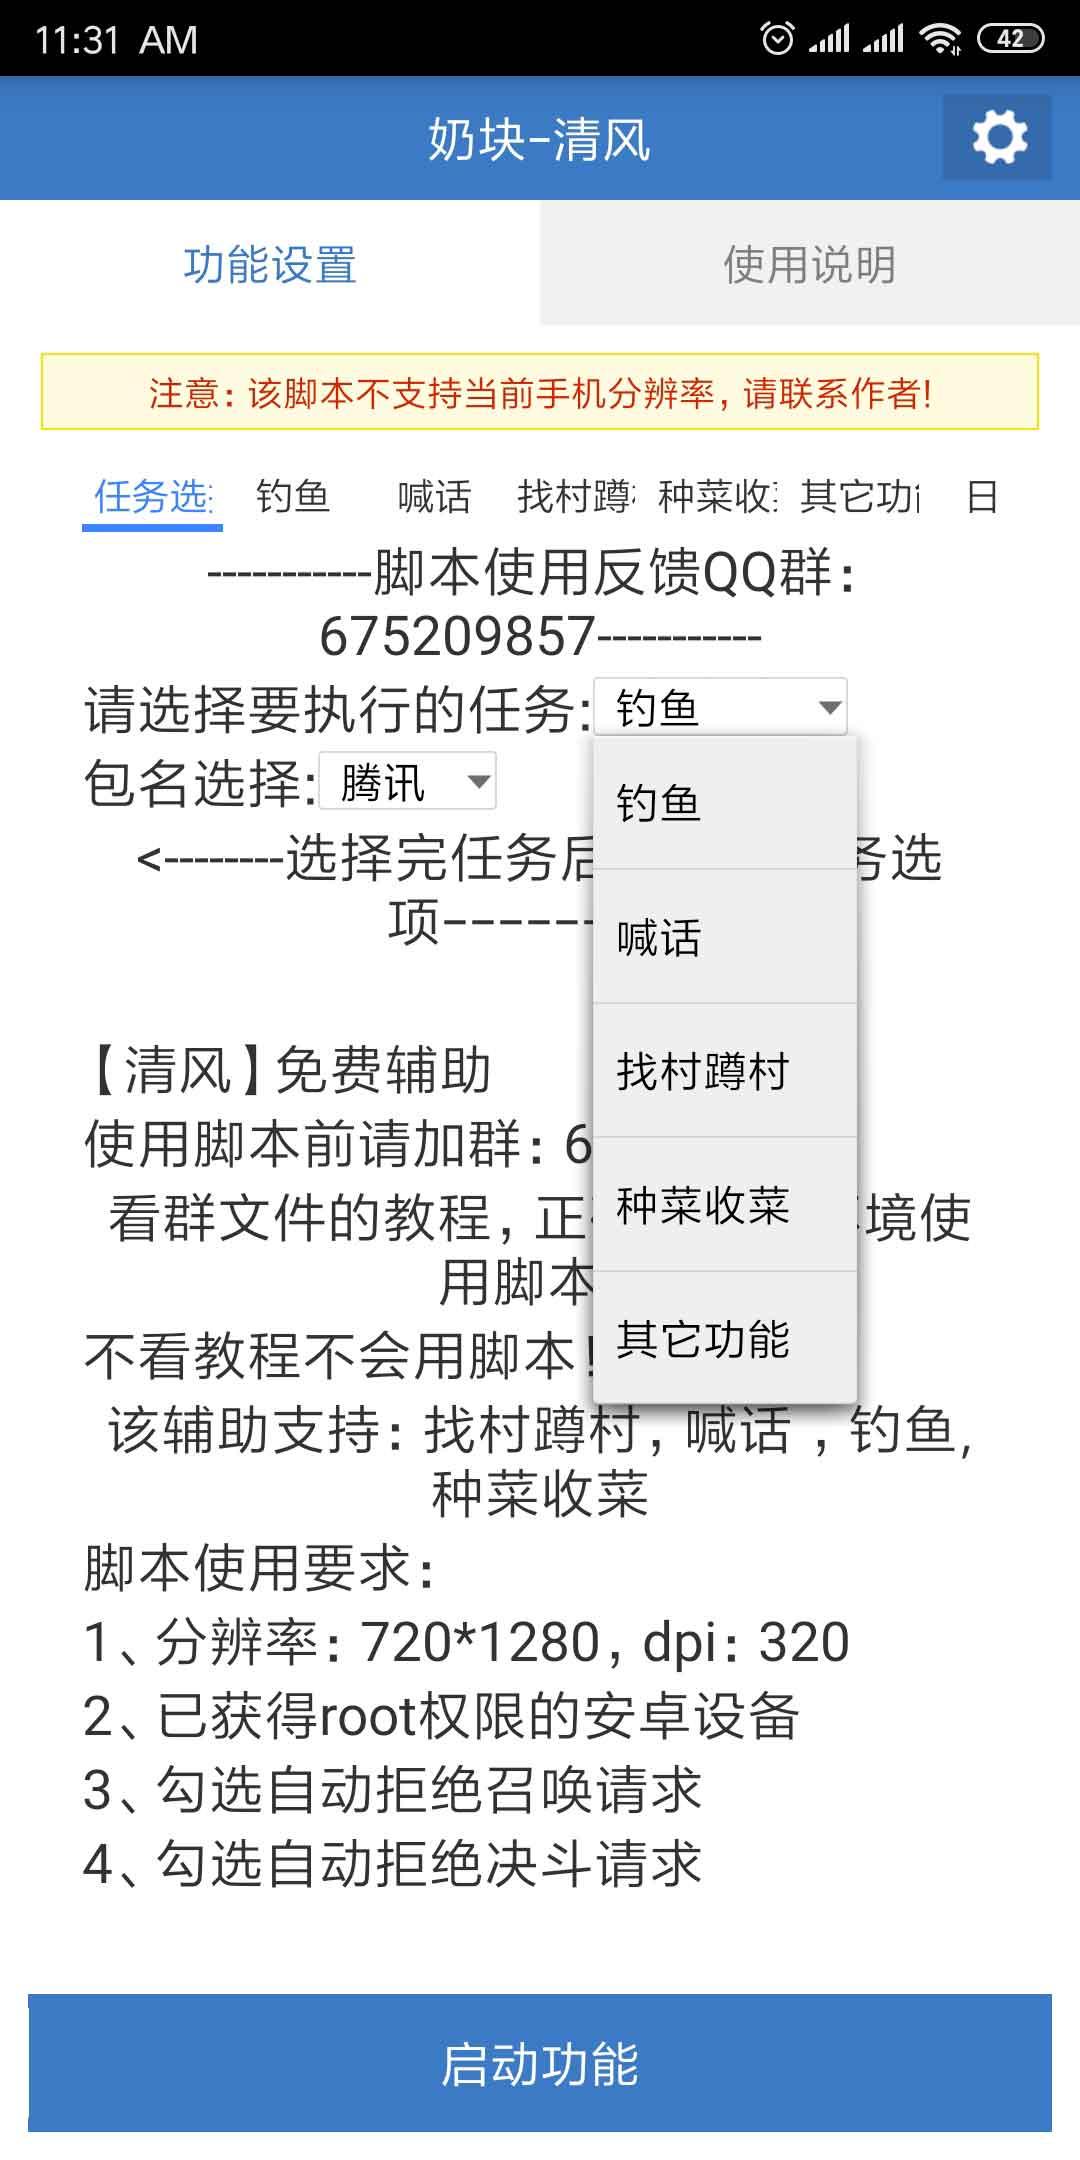 【资源分享】芥子空间(奶块辅助,云挂机,超便捷)-爱小助